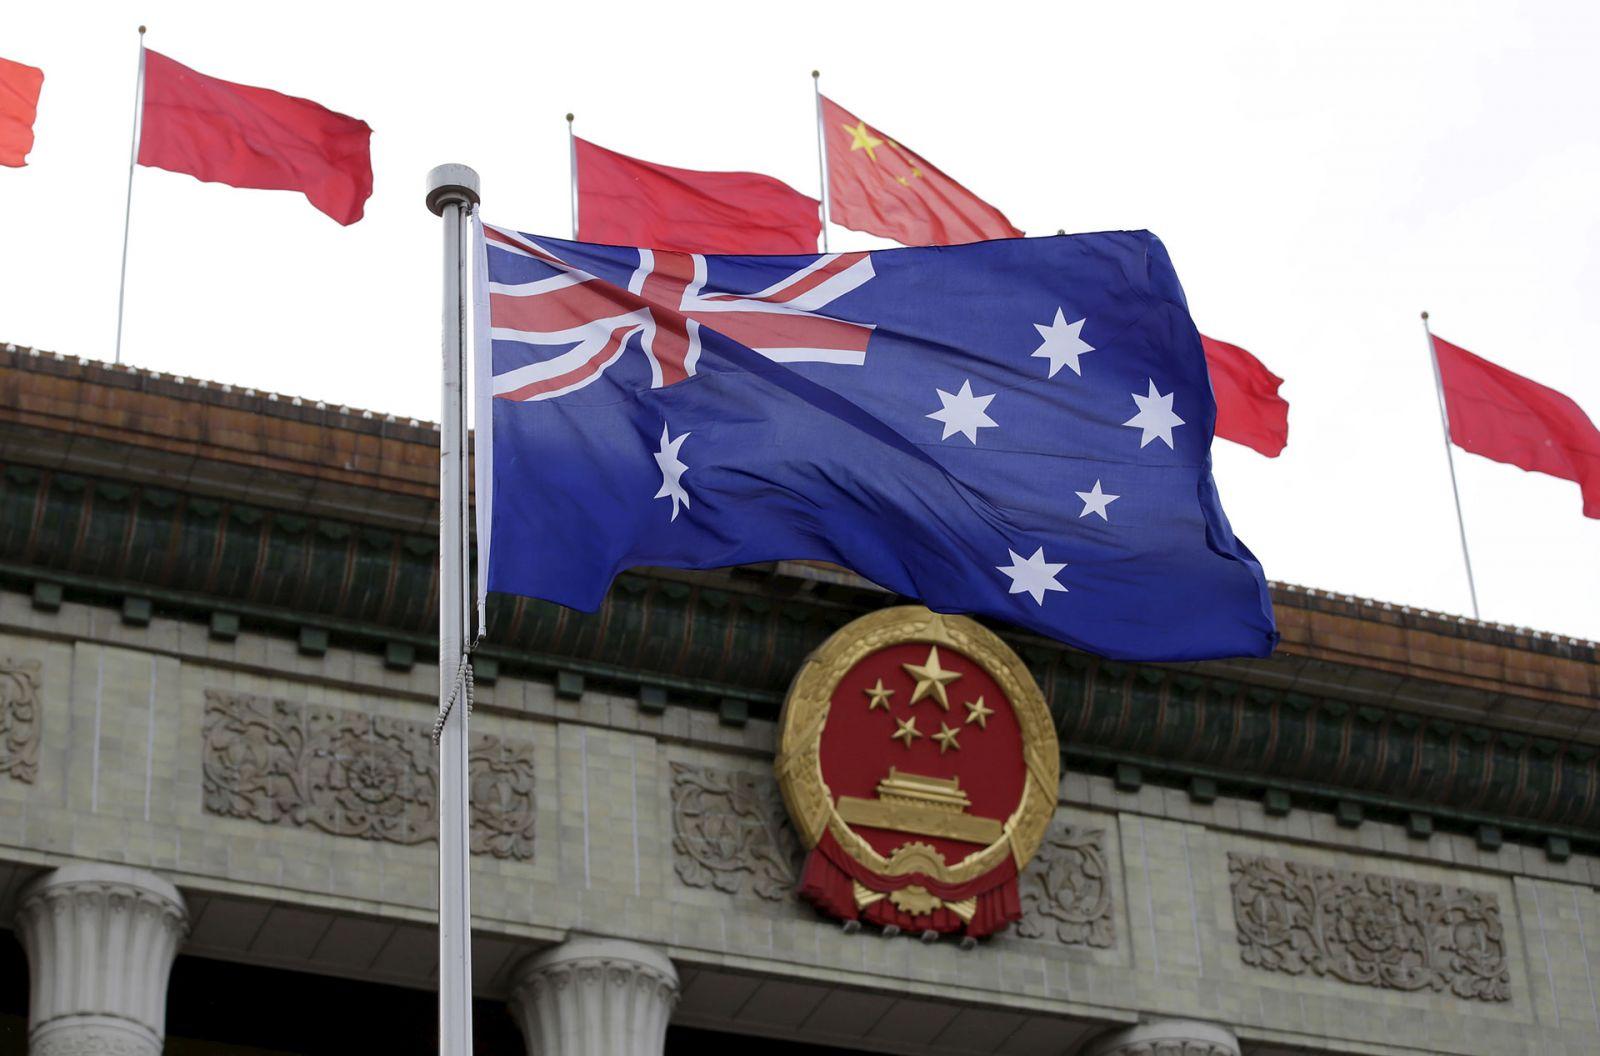 Sebuah fakta mencengangkan terungkap usai bocornya kabar bila seorang jenderal Australia telah menyiapkan rencana perang melawan China.(foto: REUTERS/Jason Lee)